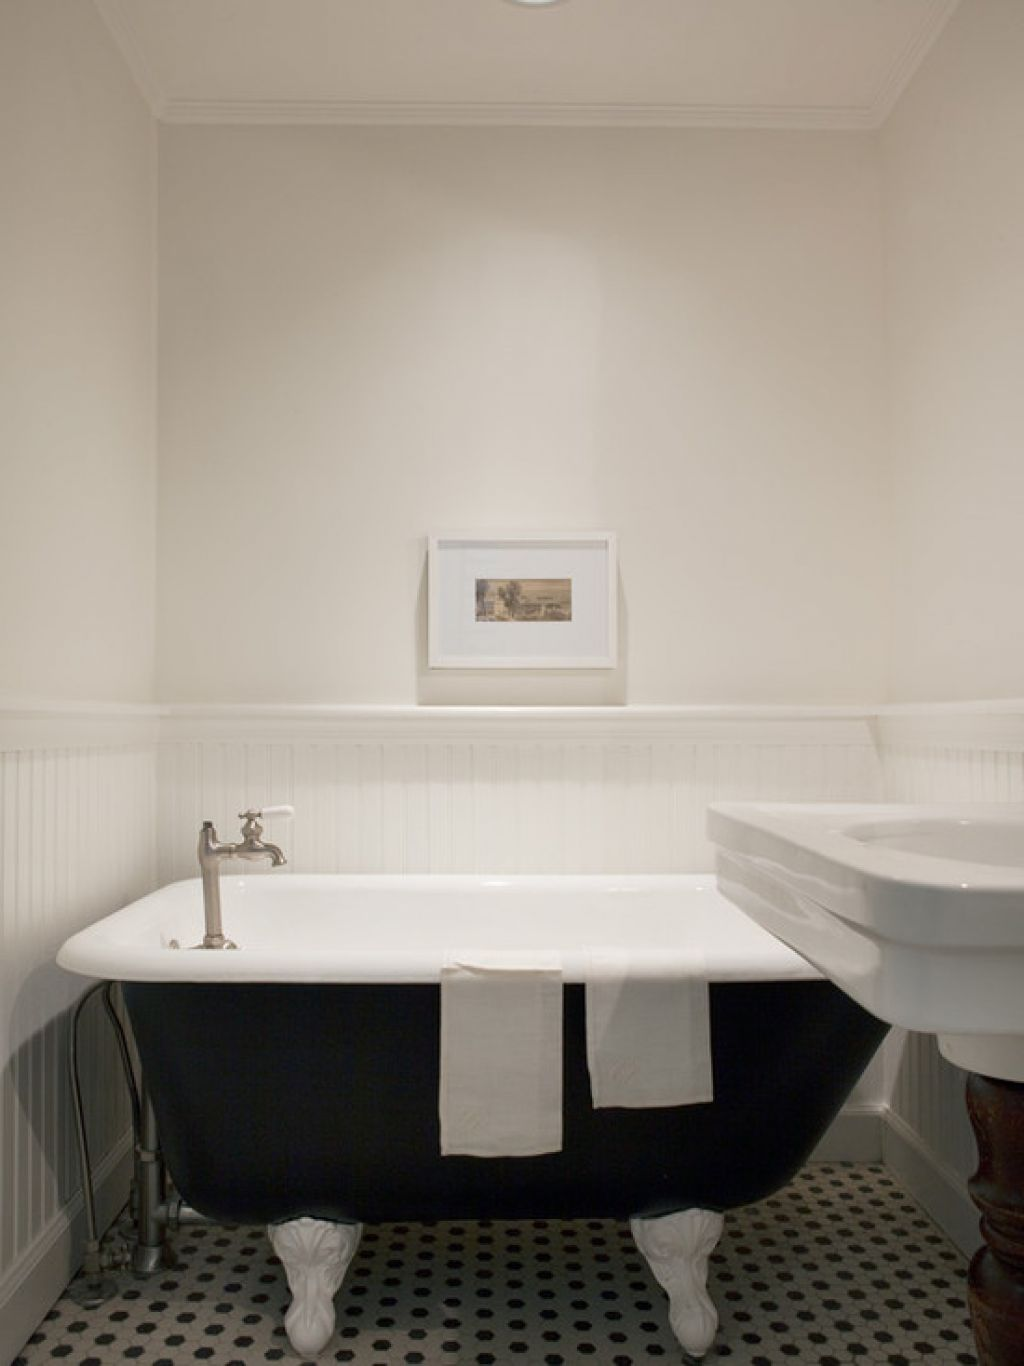 captivating-bathroom-painting-ceramic-tiles-flooring-combination-design